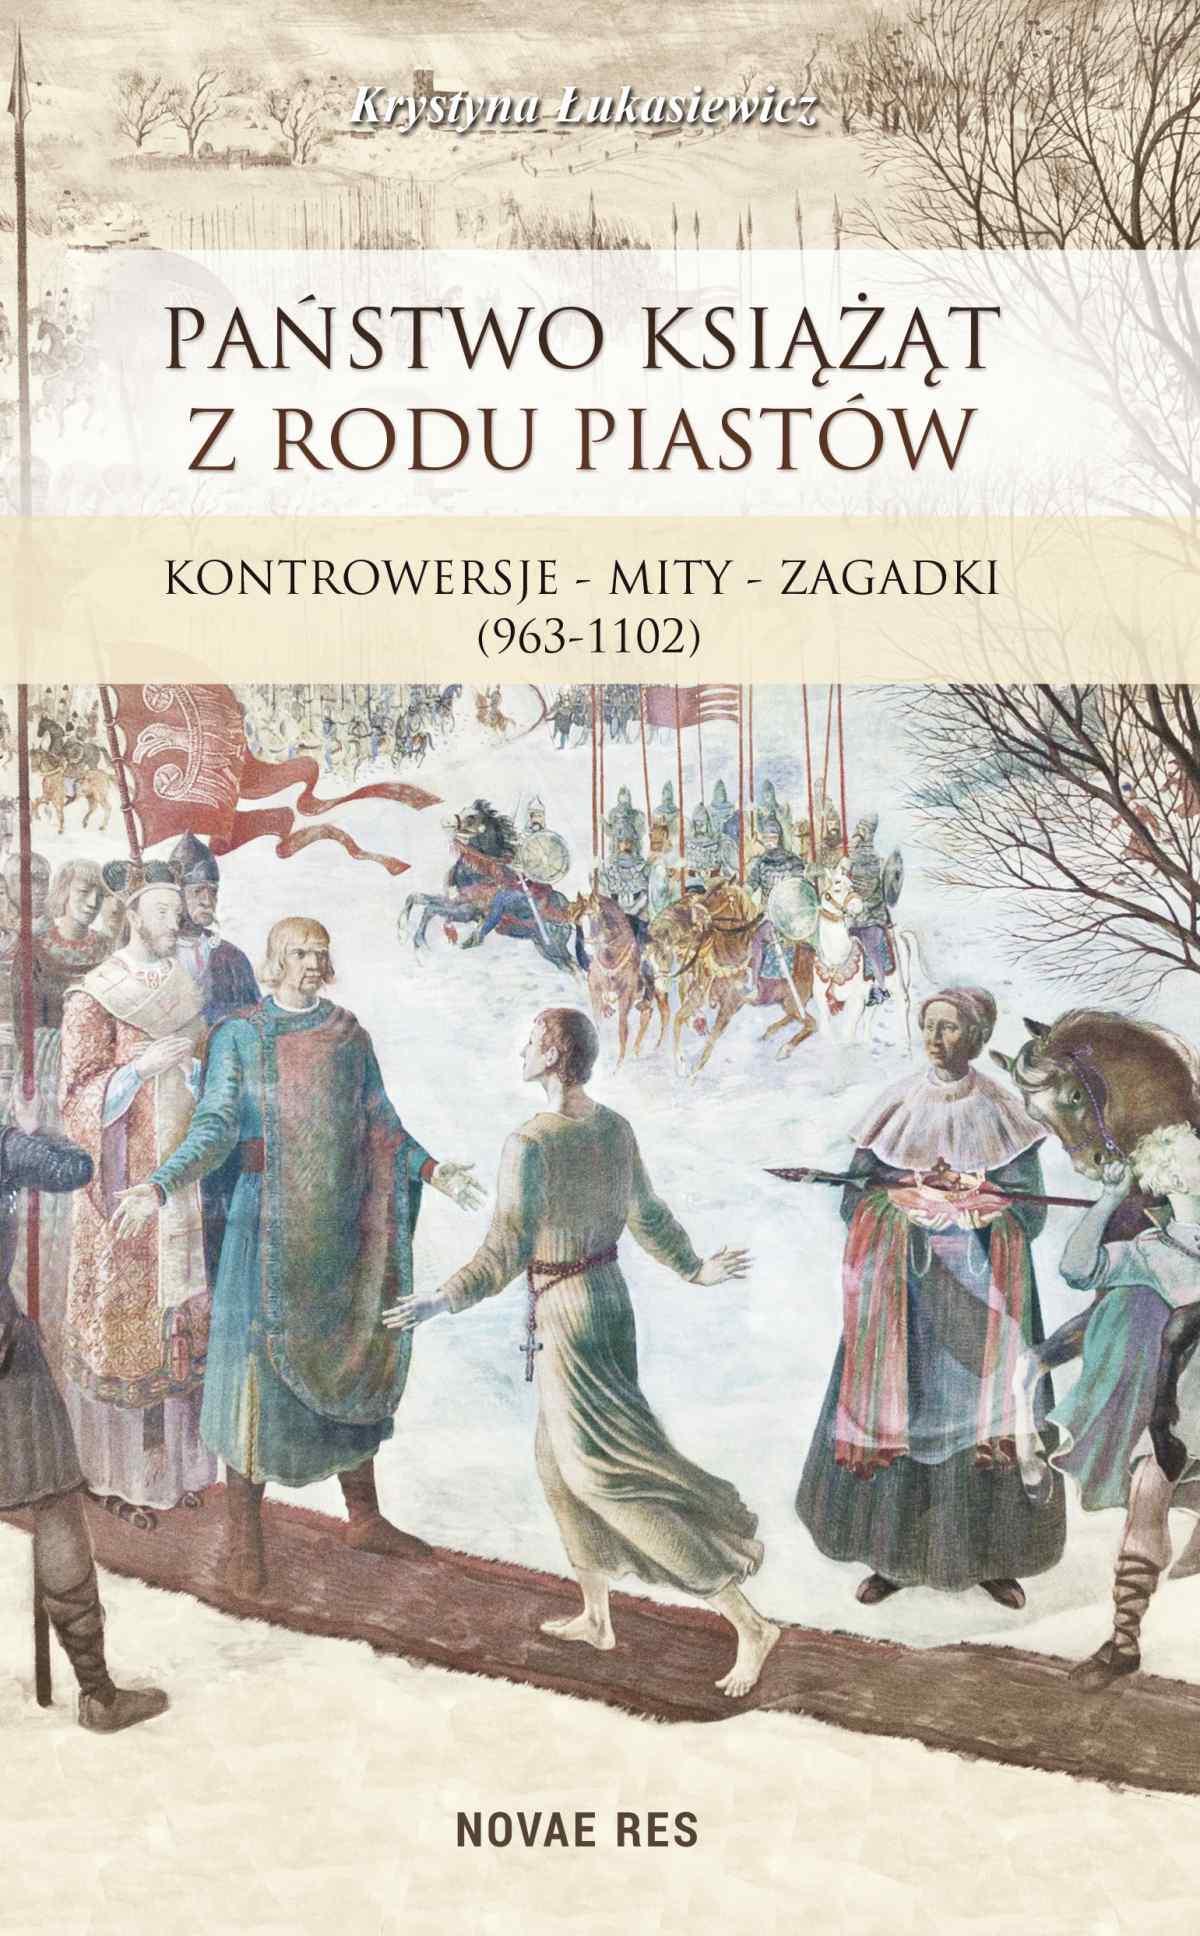 Państwo książąt z rodu Piastów. Kontrowersje – mity – zagadki (963-1102) - Ebook (Książka na Kindle) do pobrania w formacie MOBI